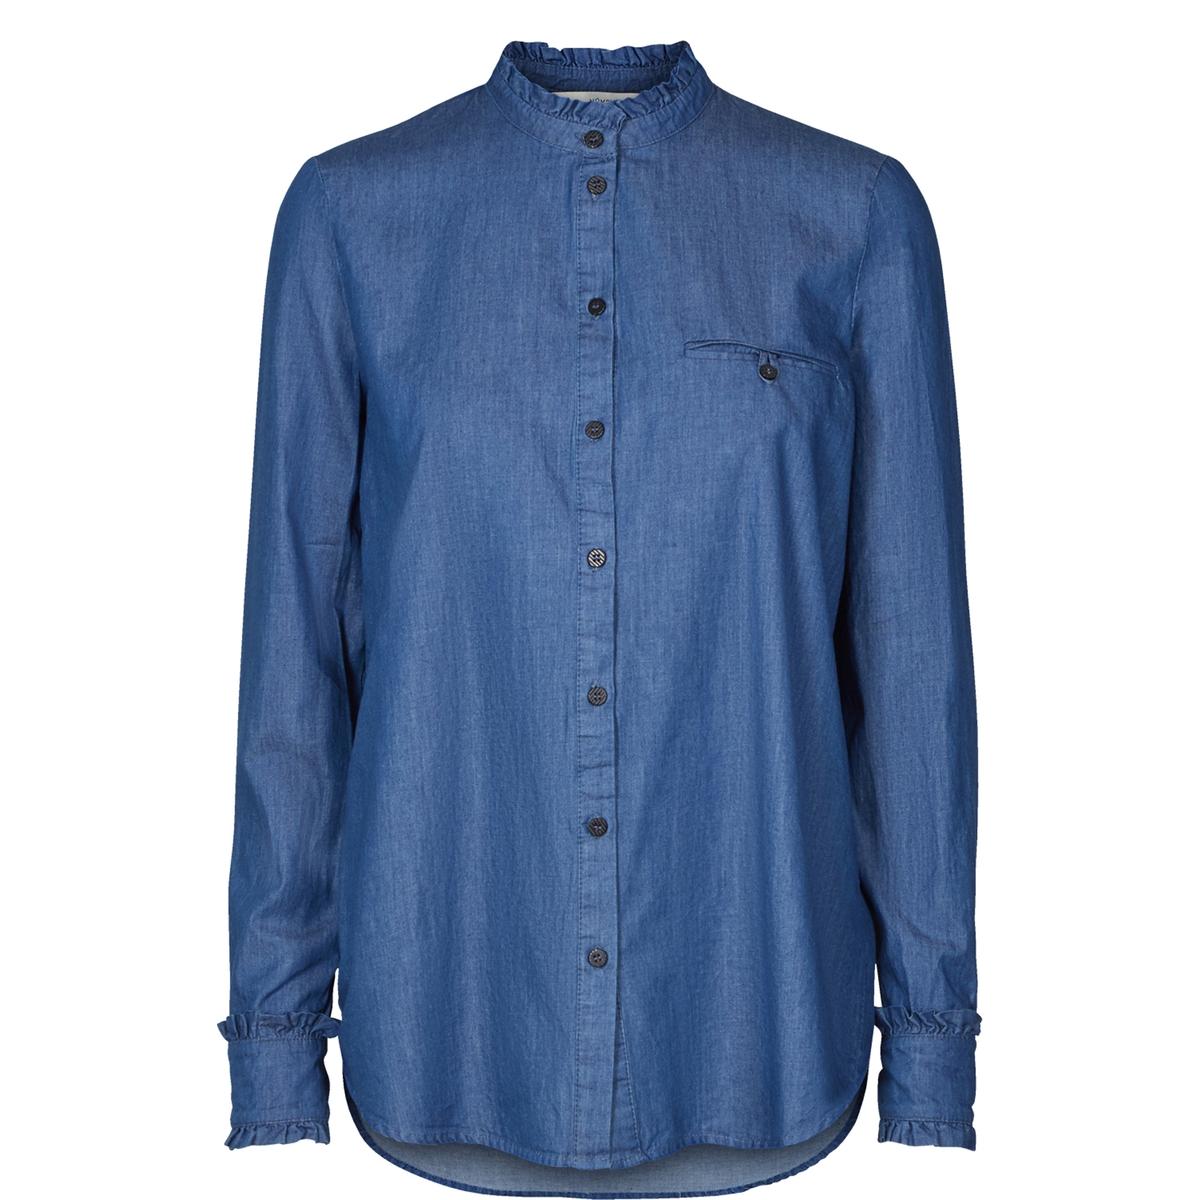 Рубашка из легкого денима с воротником-стойкойОписание:Детали  •  Длинные рукава •  Прямой покрой  •  Воротник-стойкаСостав и уход  •  100% хлопок •  Следуйте советам по уходу, указанным на этикетке<br><br>Цвет: голубой<br>Размер: 40 (FR) - 46 (RUS)